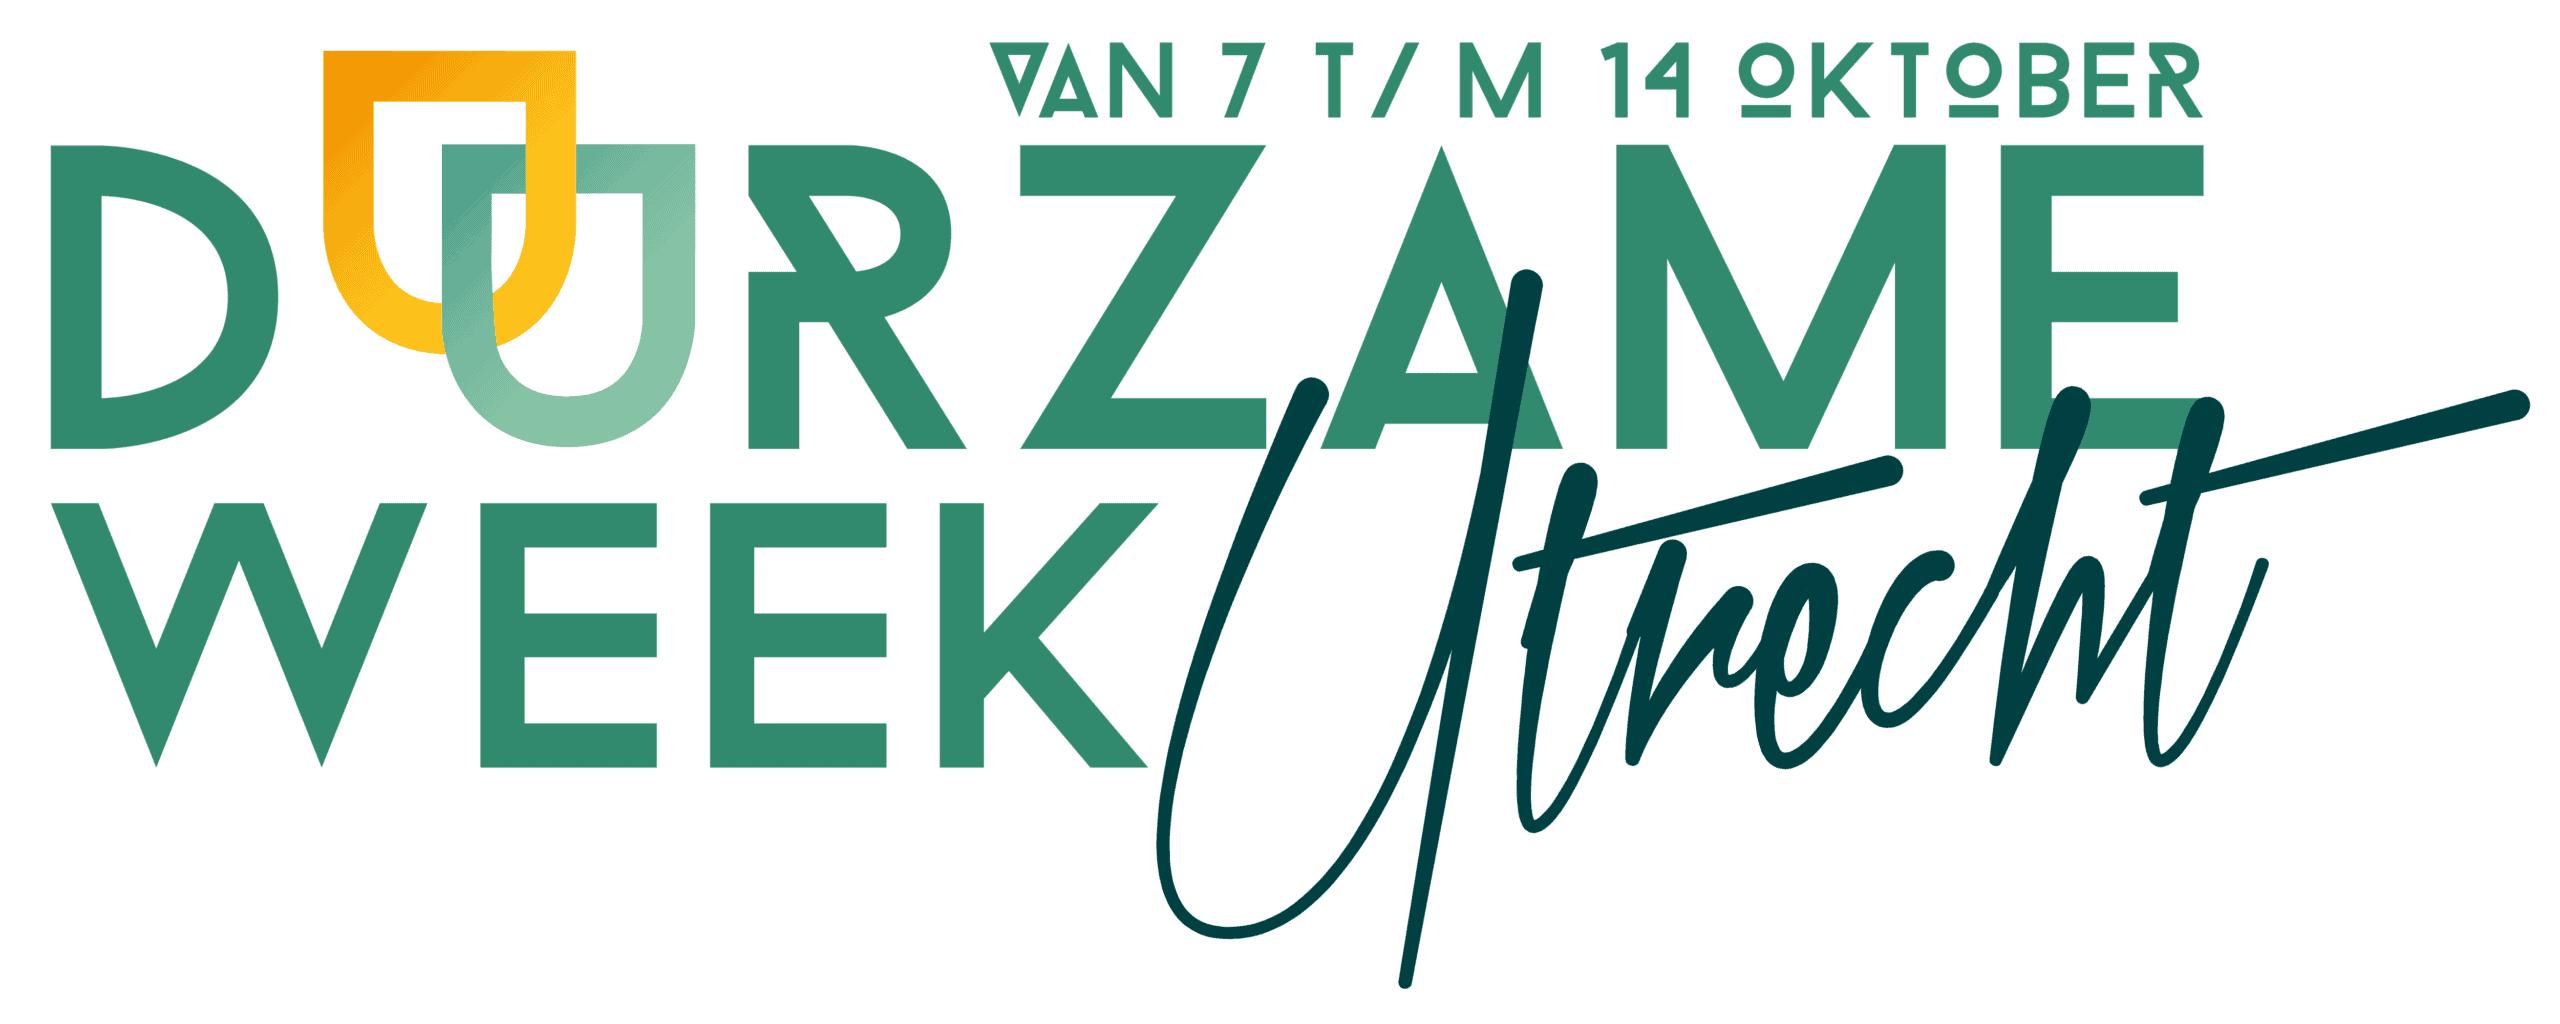 Duurzame Week Utrecht